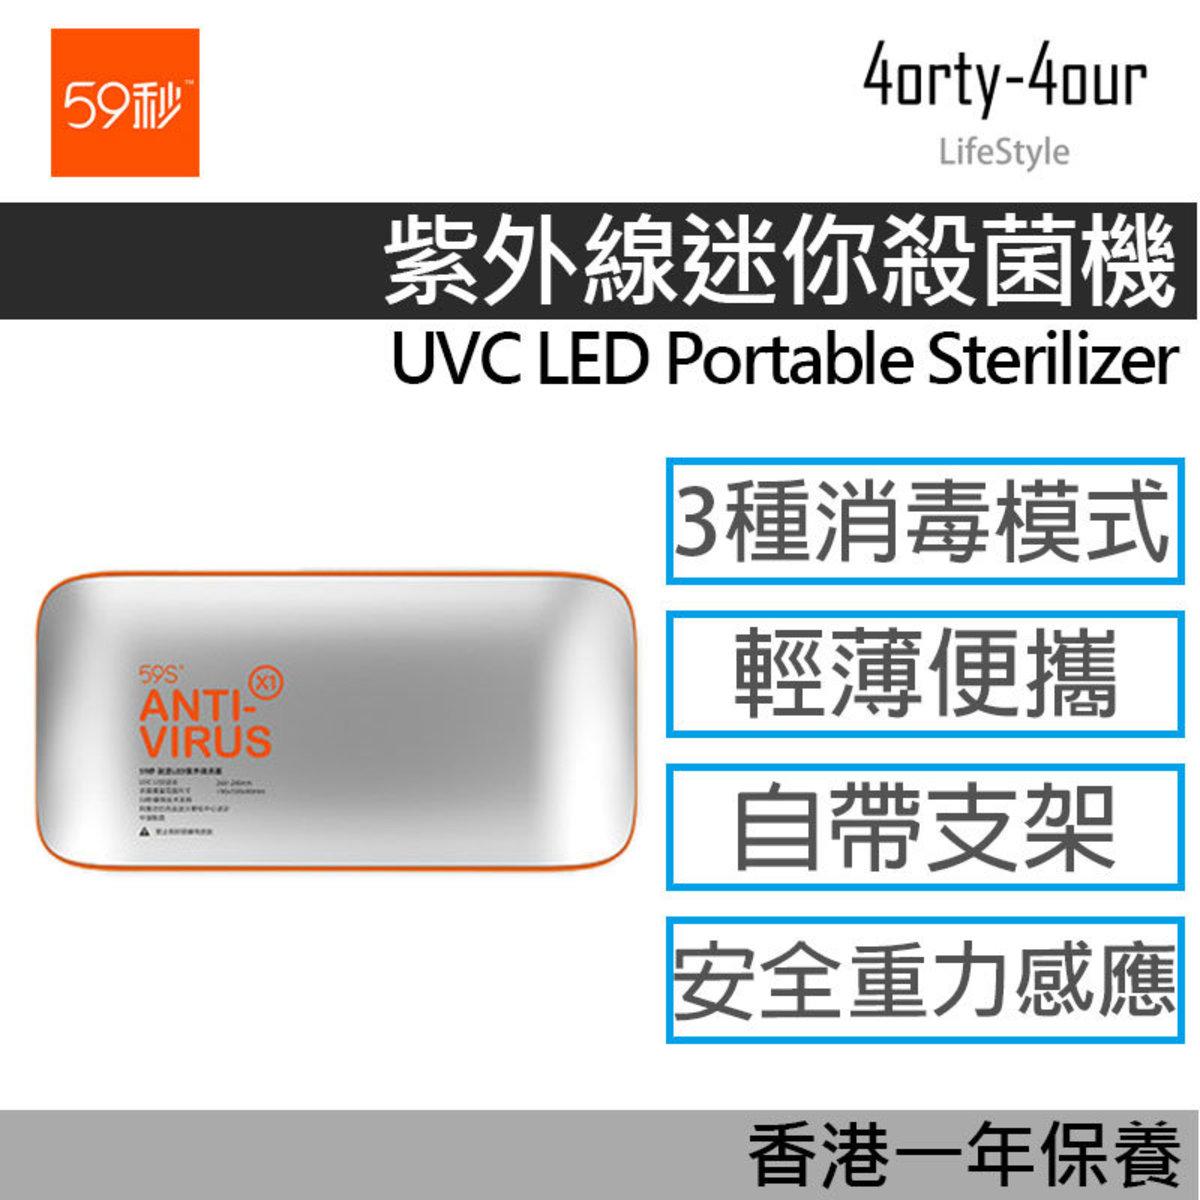 LED紫外線迷你殺菌機 SZQ6-X1 - 手機口罩消毒盒